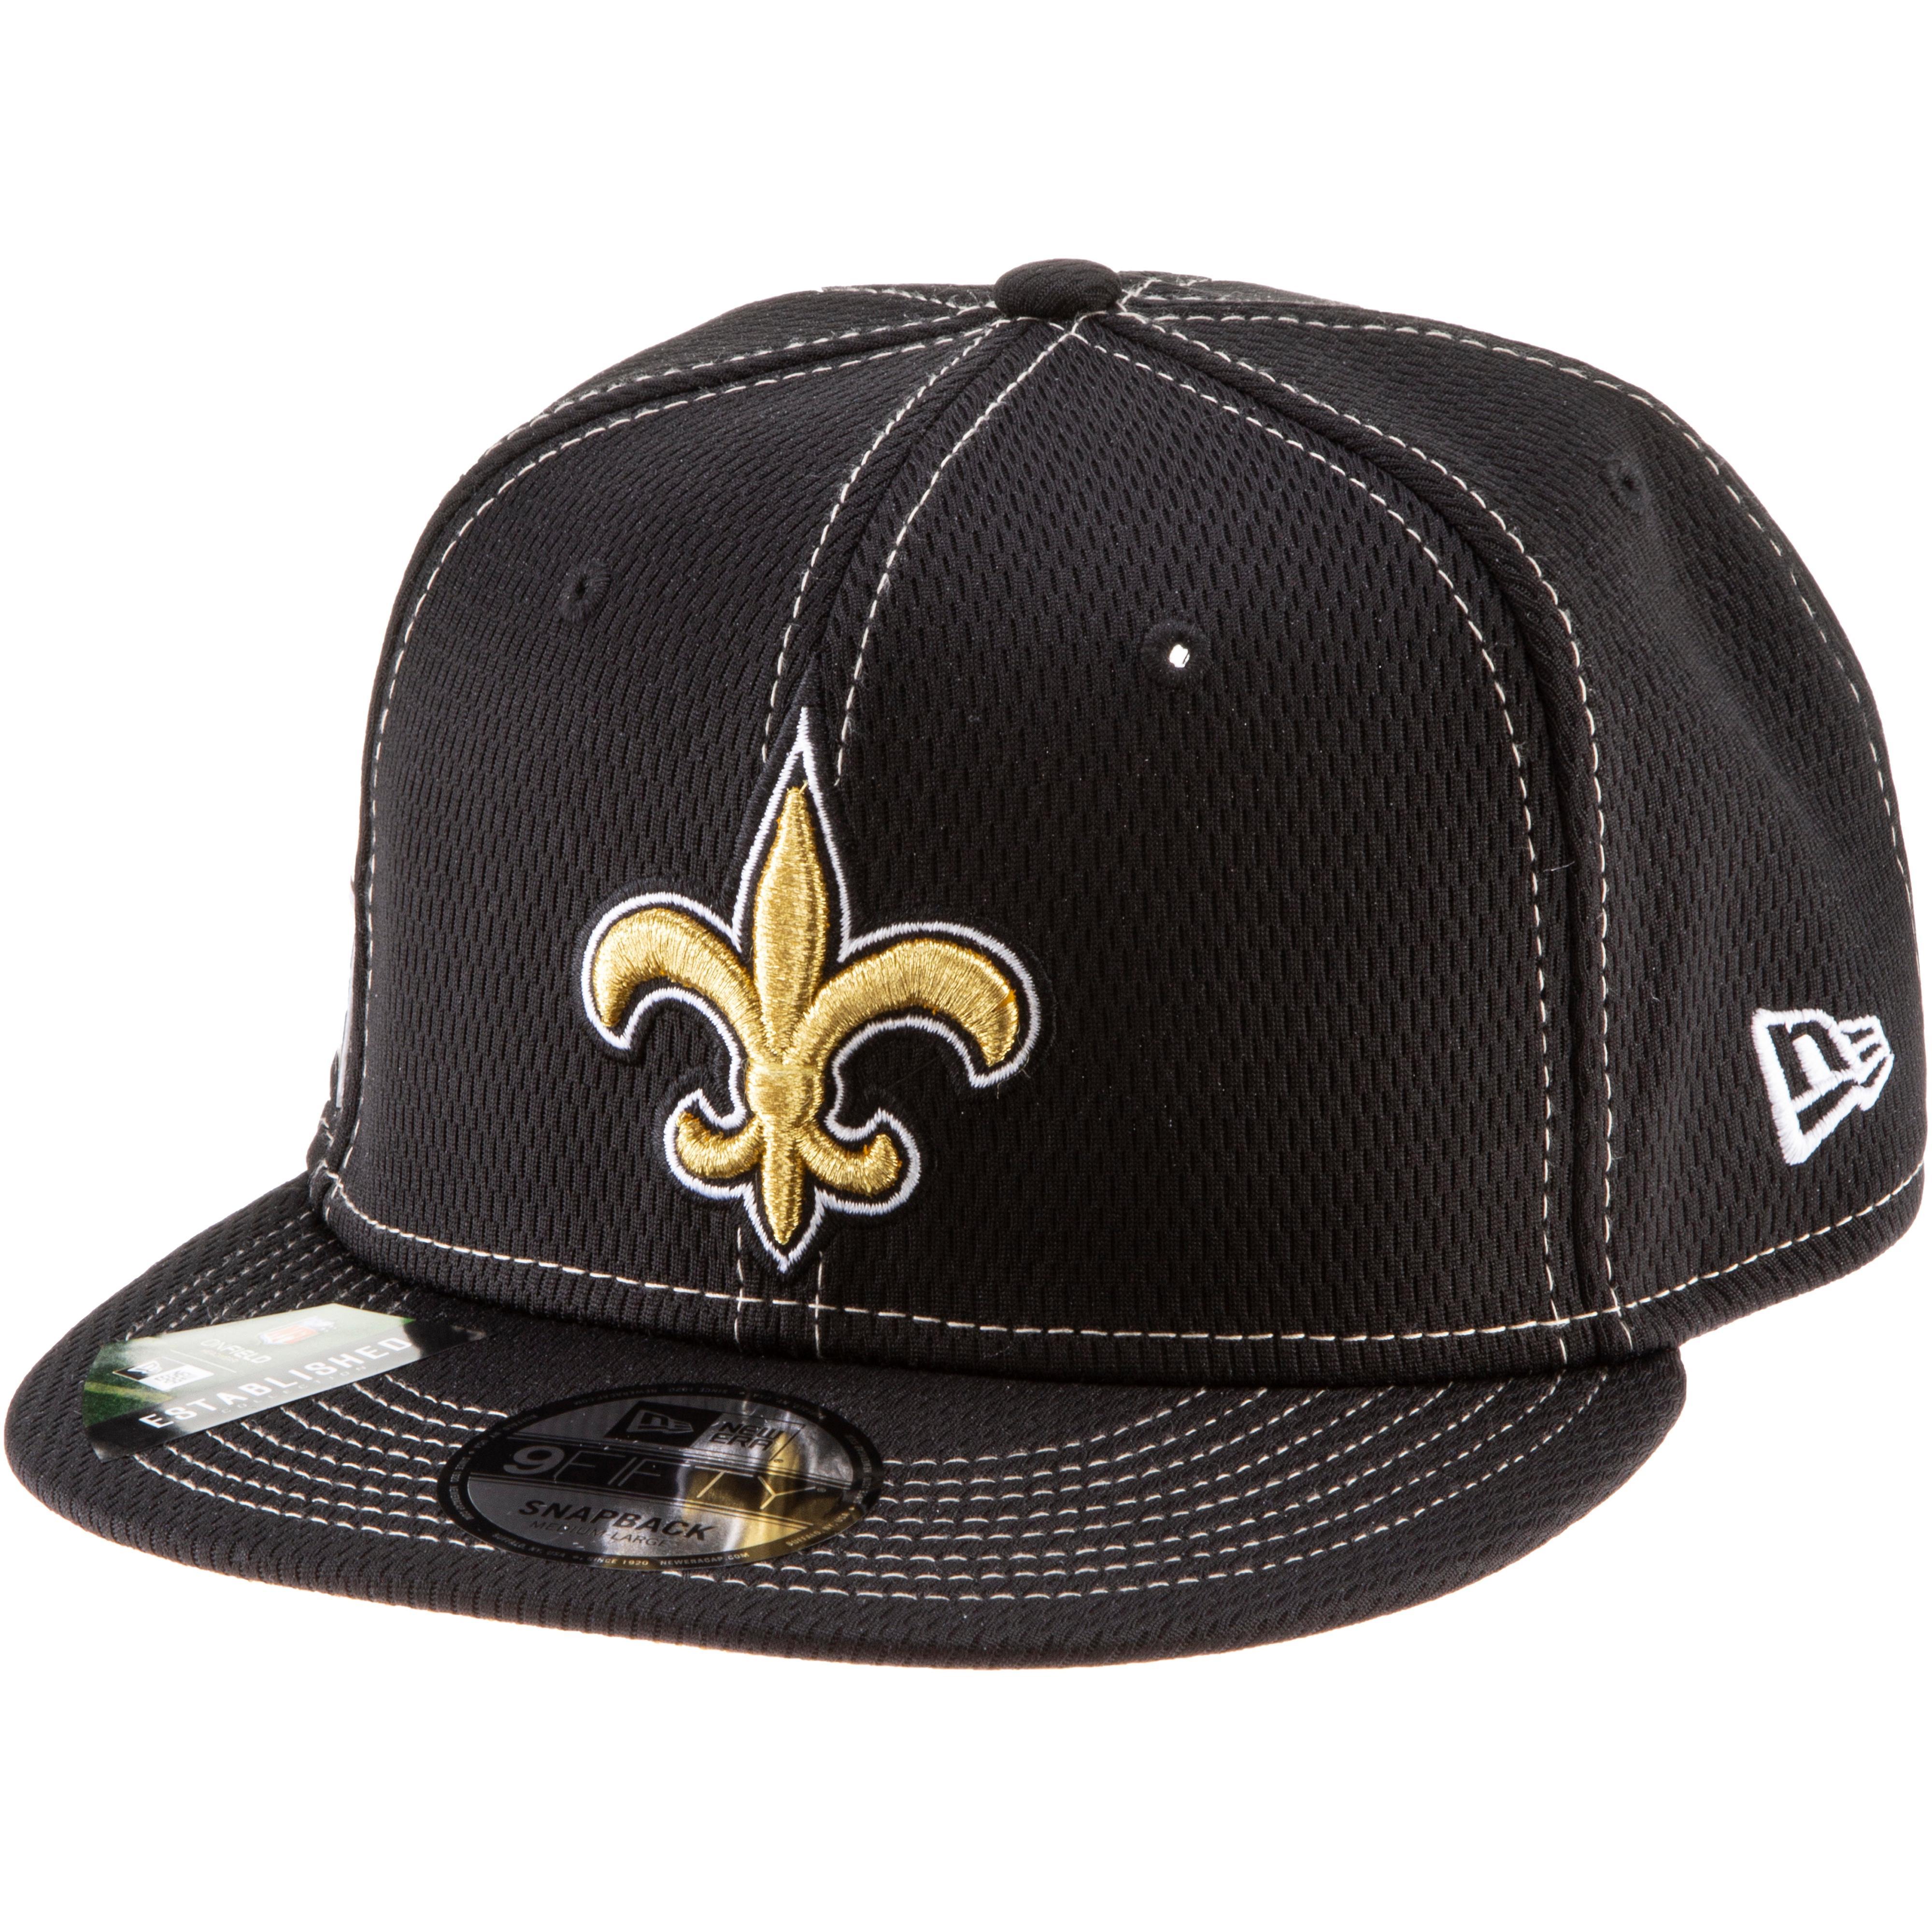 saints cap